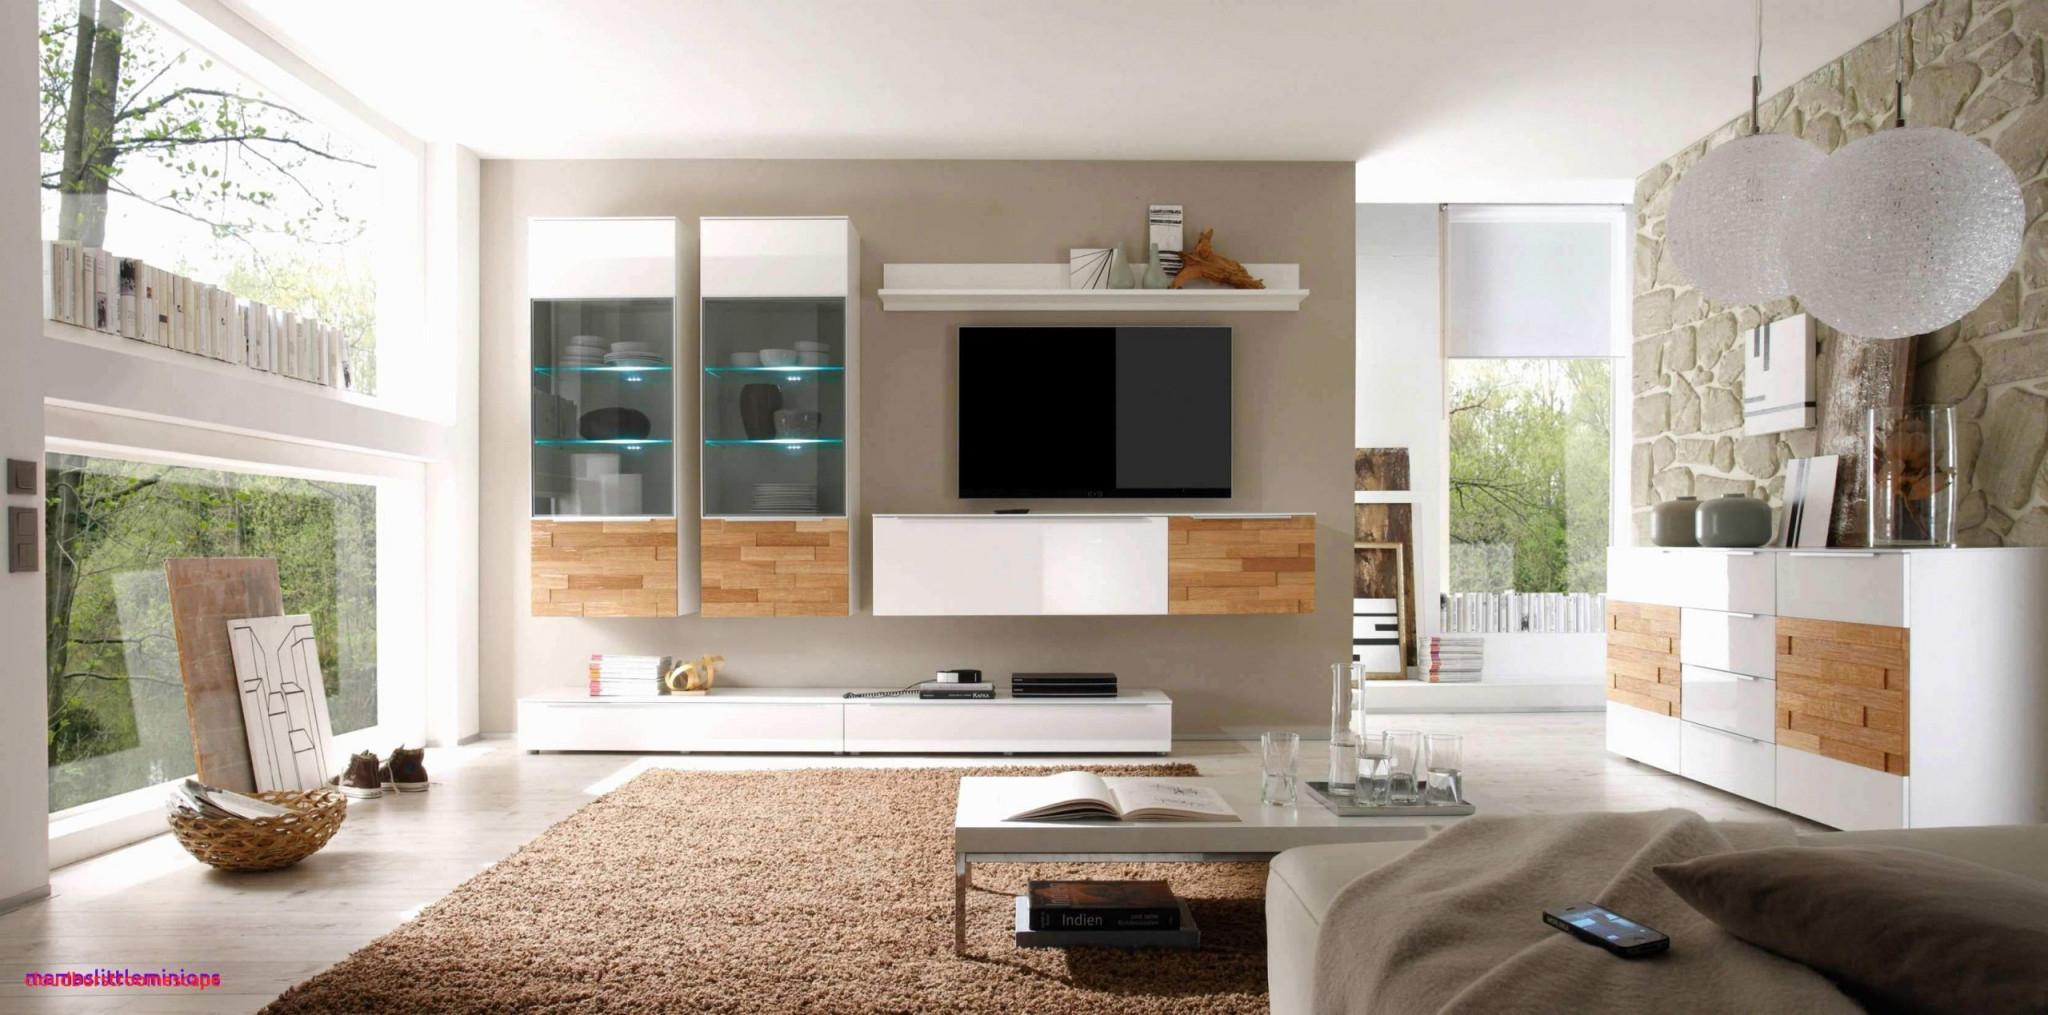 27 Schön Wohnzimmer Neu Gestalten Vorher Nachher Reizend von Wohnzimmer Neu Einrichten Photo